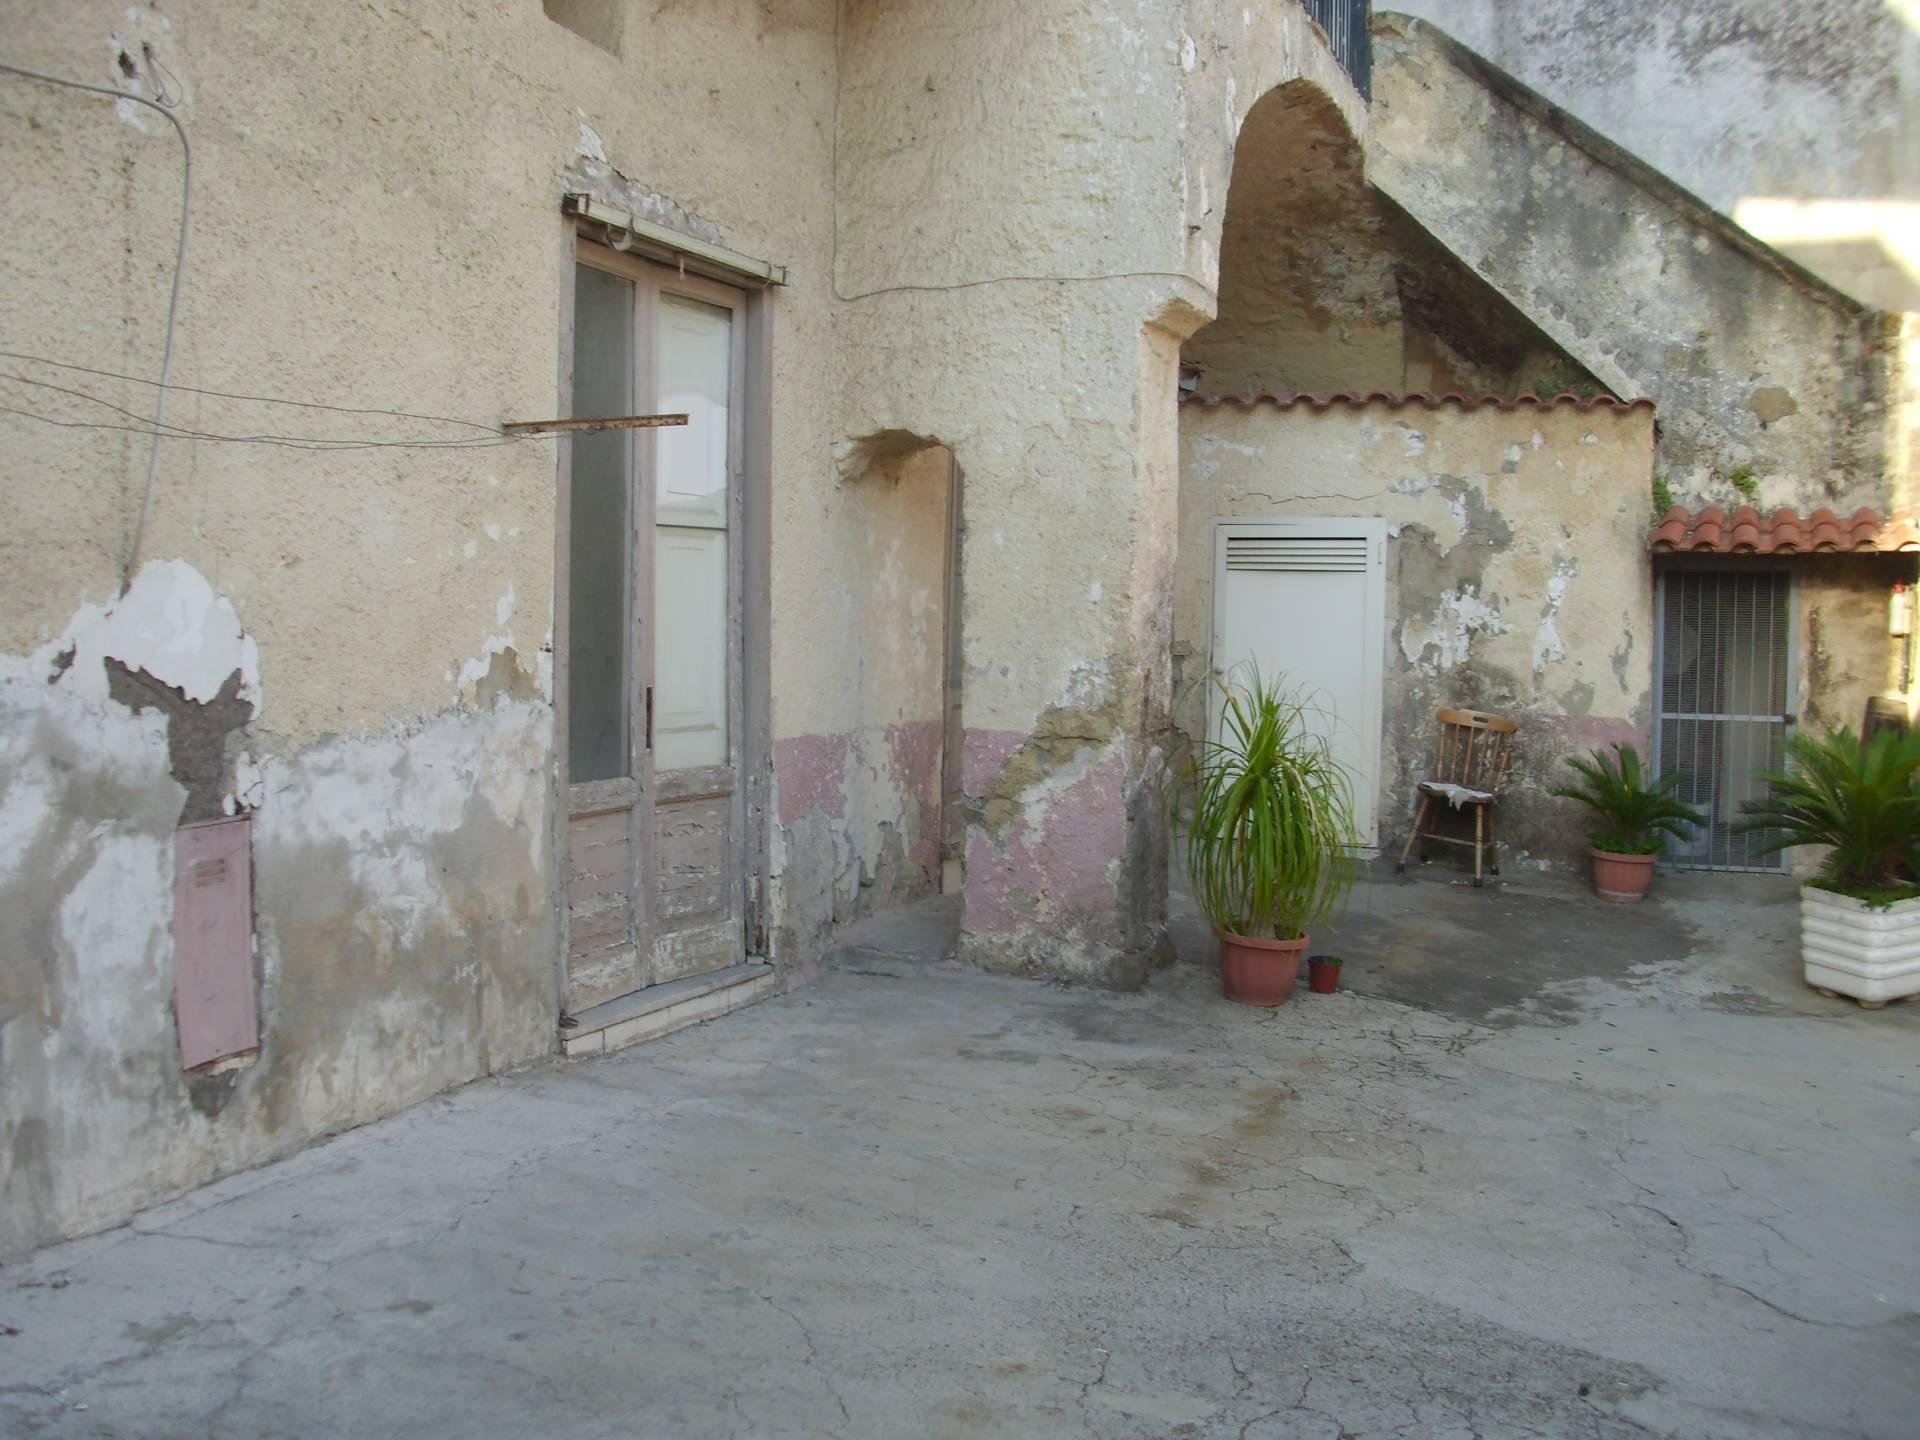 Appartamento in vendita a Mugnano di Napoli, 3 locali, prezzo € 42.000 | CambioCasa.it